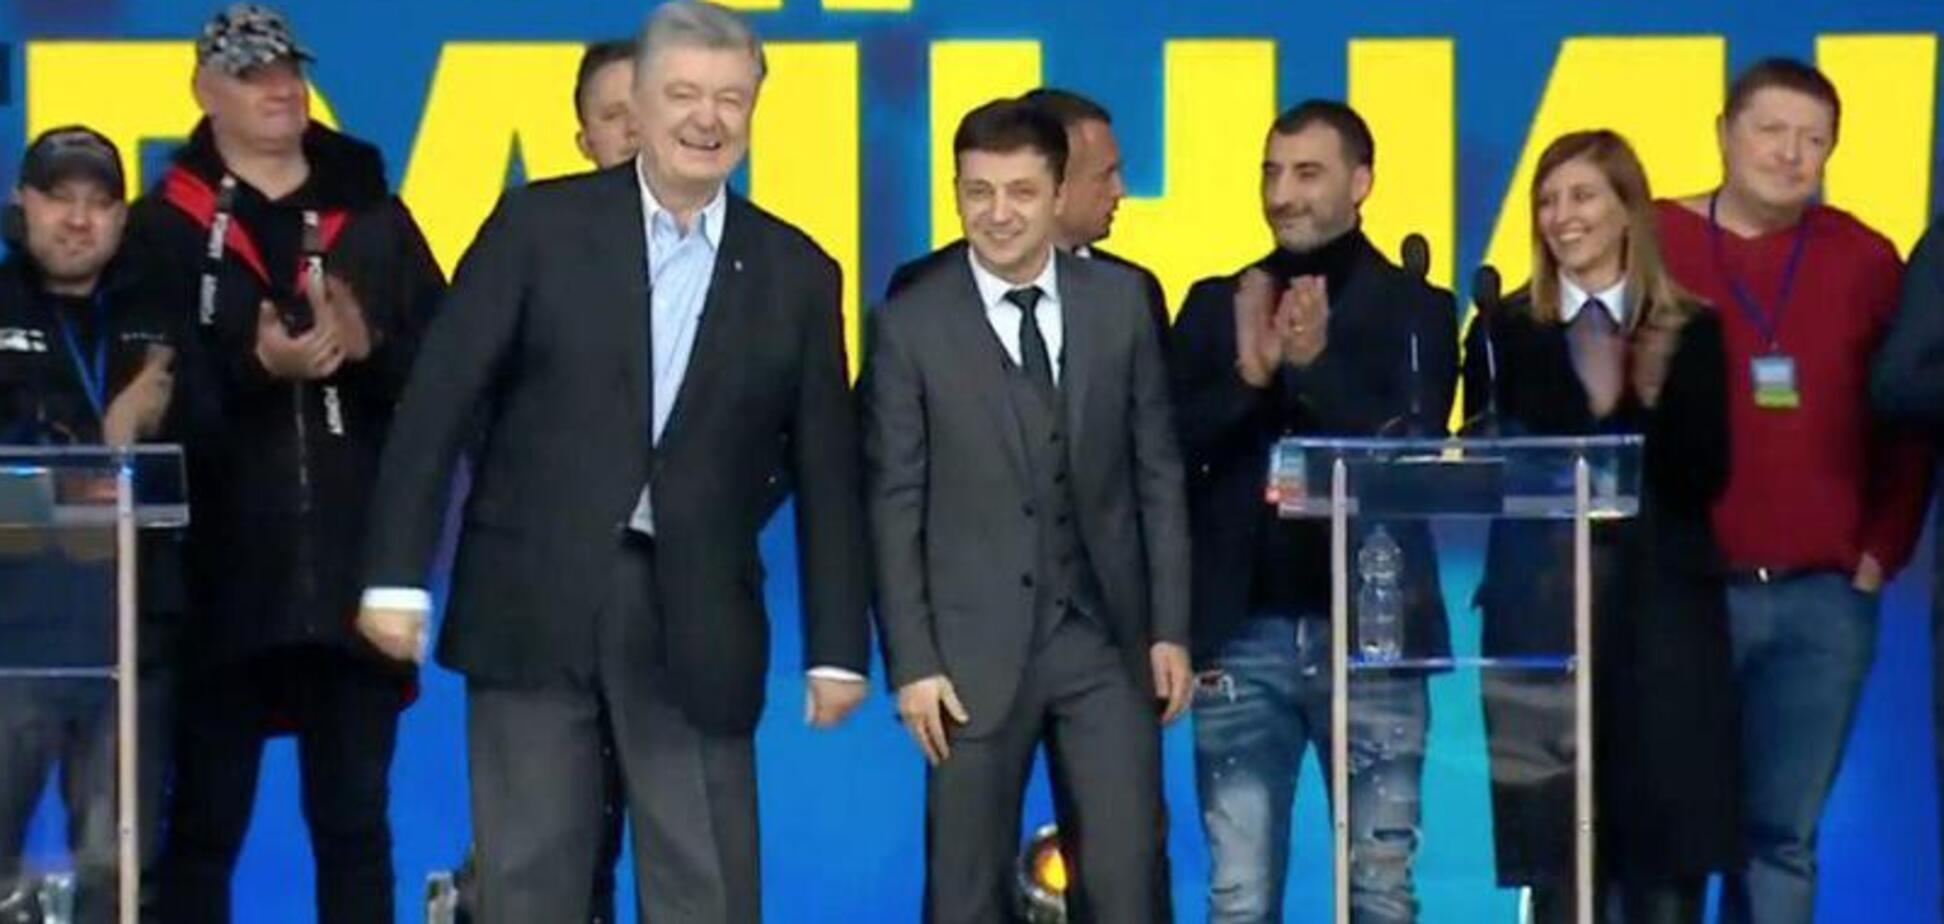 Дебати на 'Олімпійському': друг Зеленського з'явився на сцені в нецензурній кофті